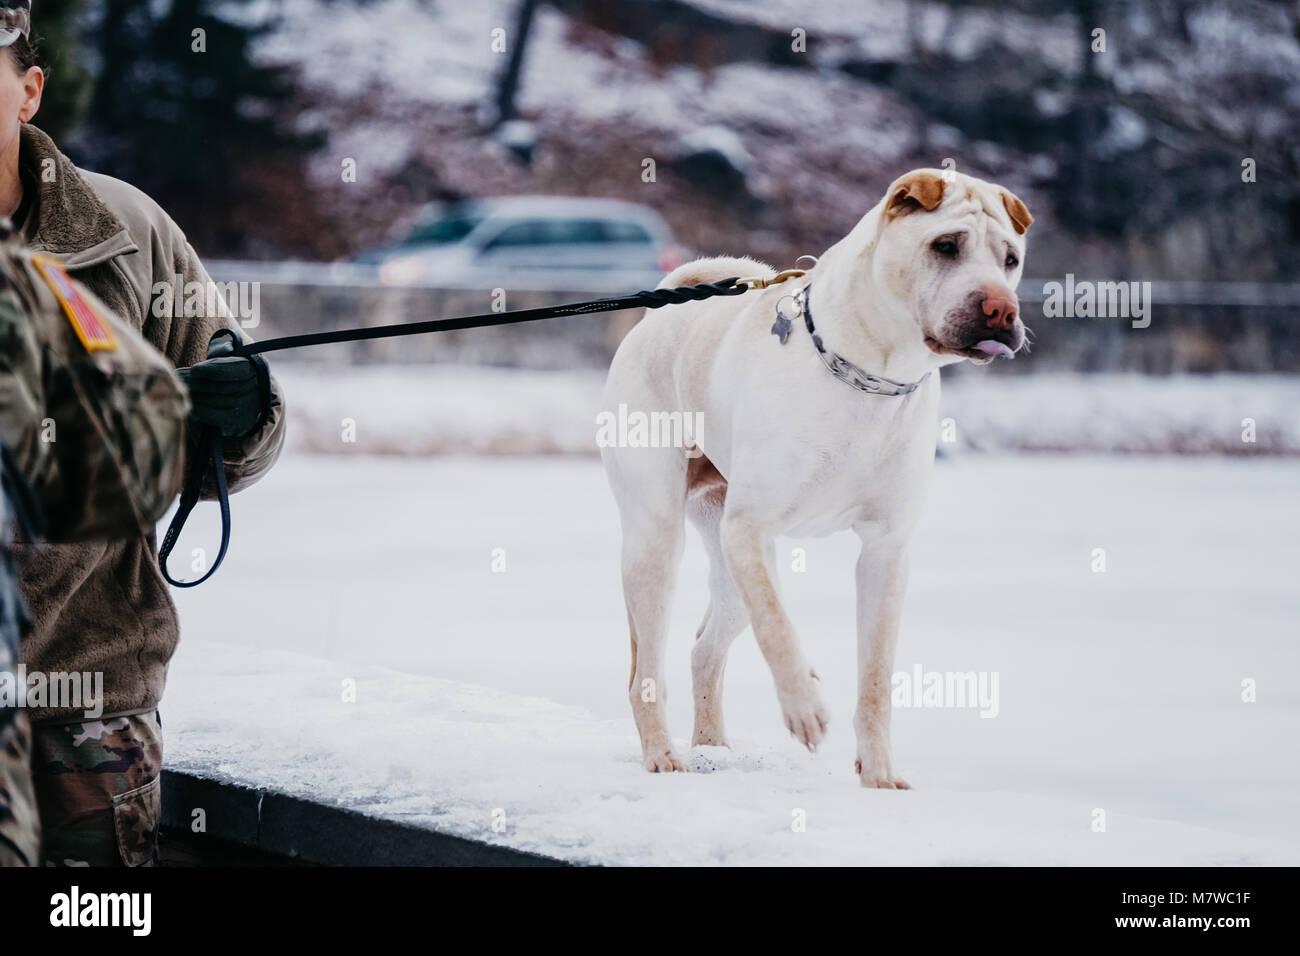 white dog walking outside on ledge - Stock Image